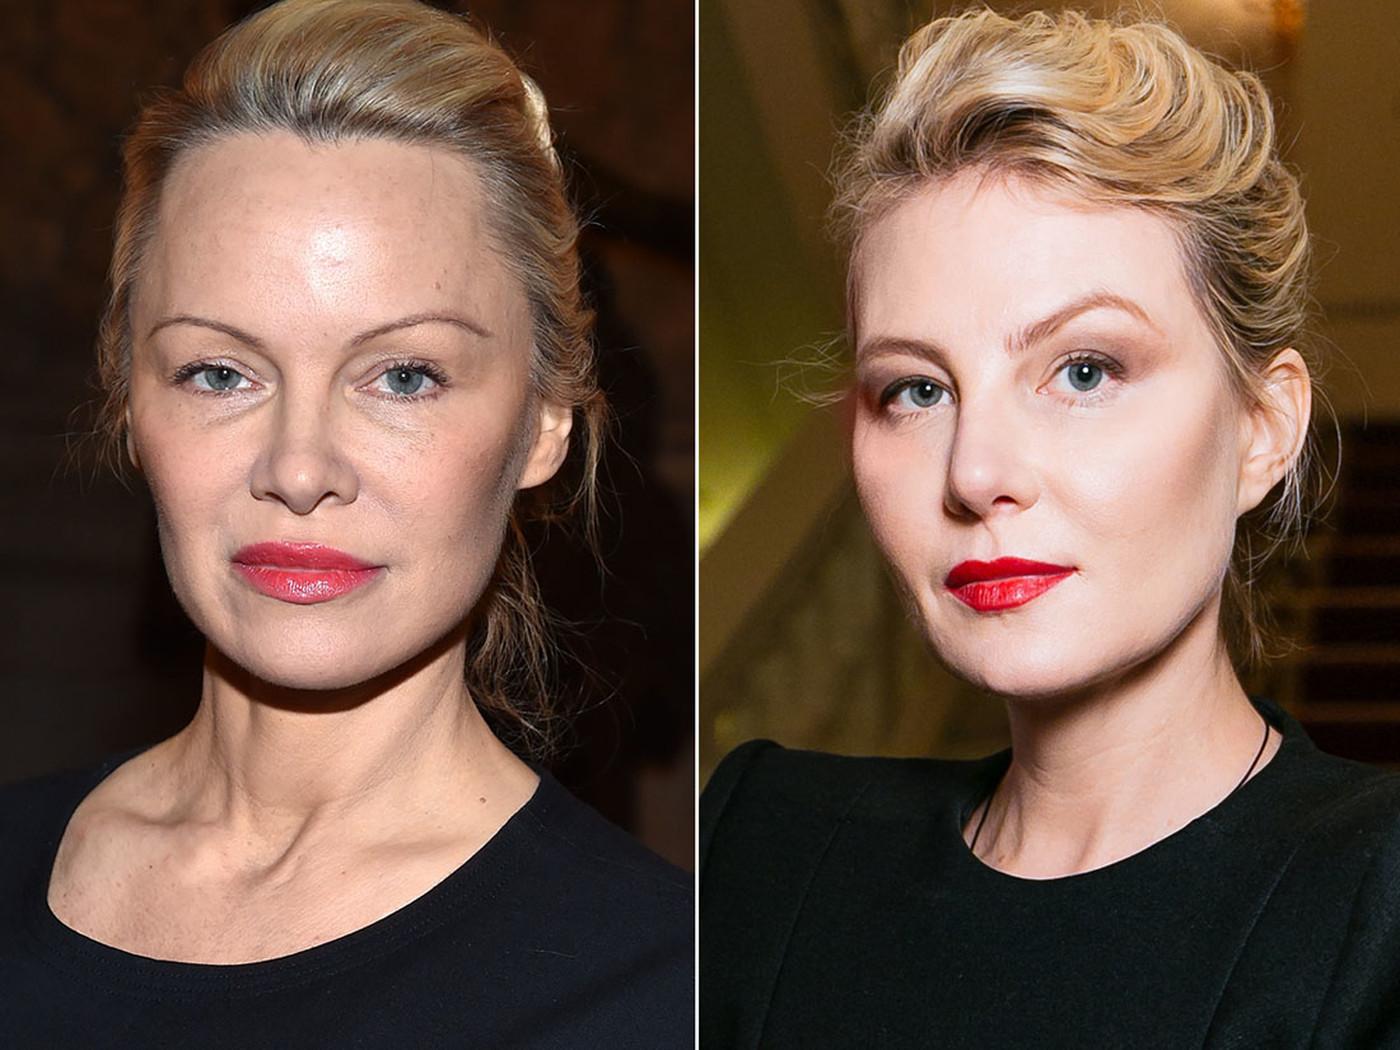 Памела Андерсон и Рената Литвинова, 1967 года рождения (50 лет) Памела Андерсон сейчас выглядит совс